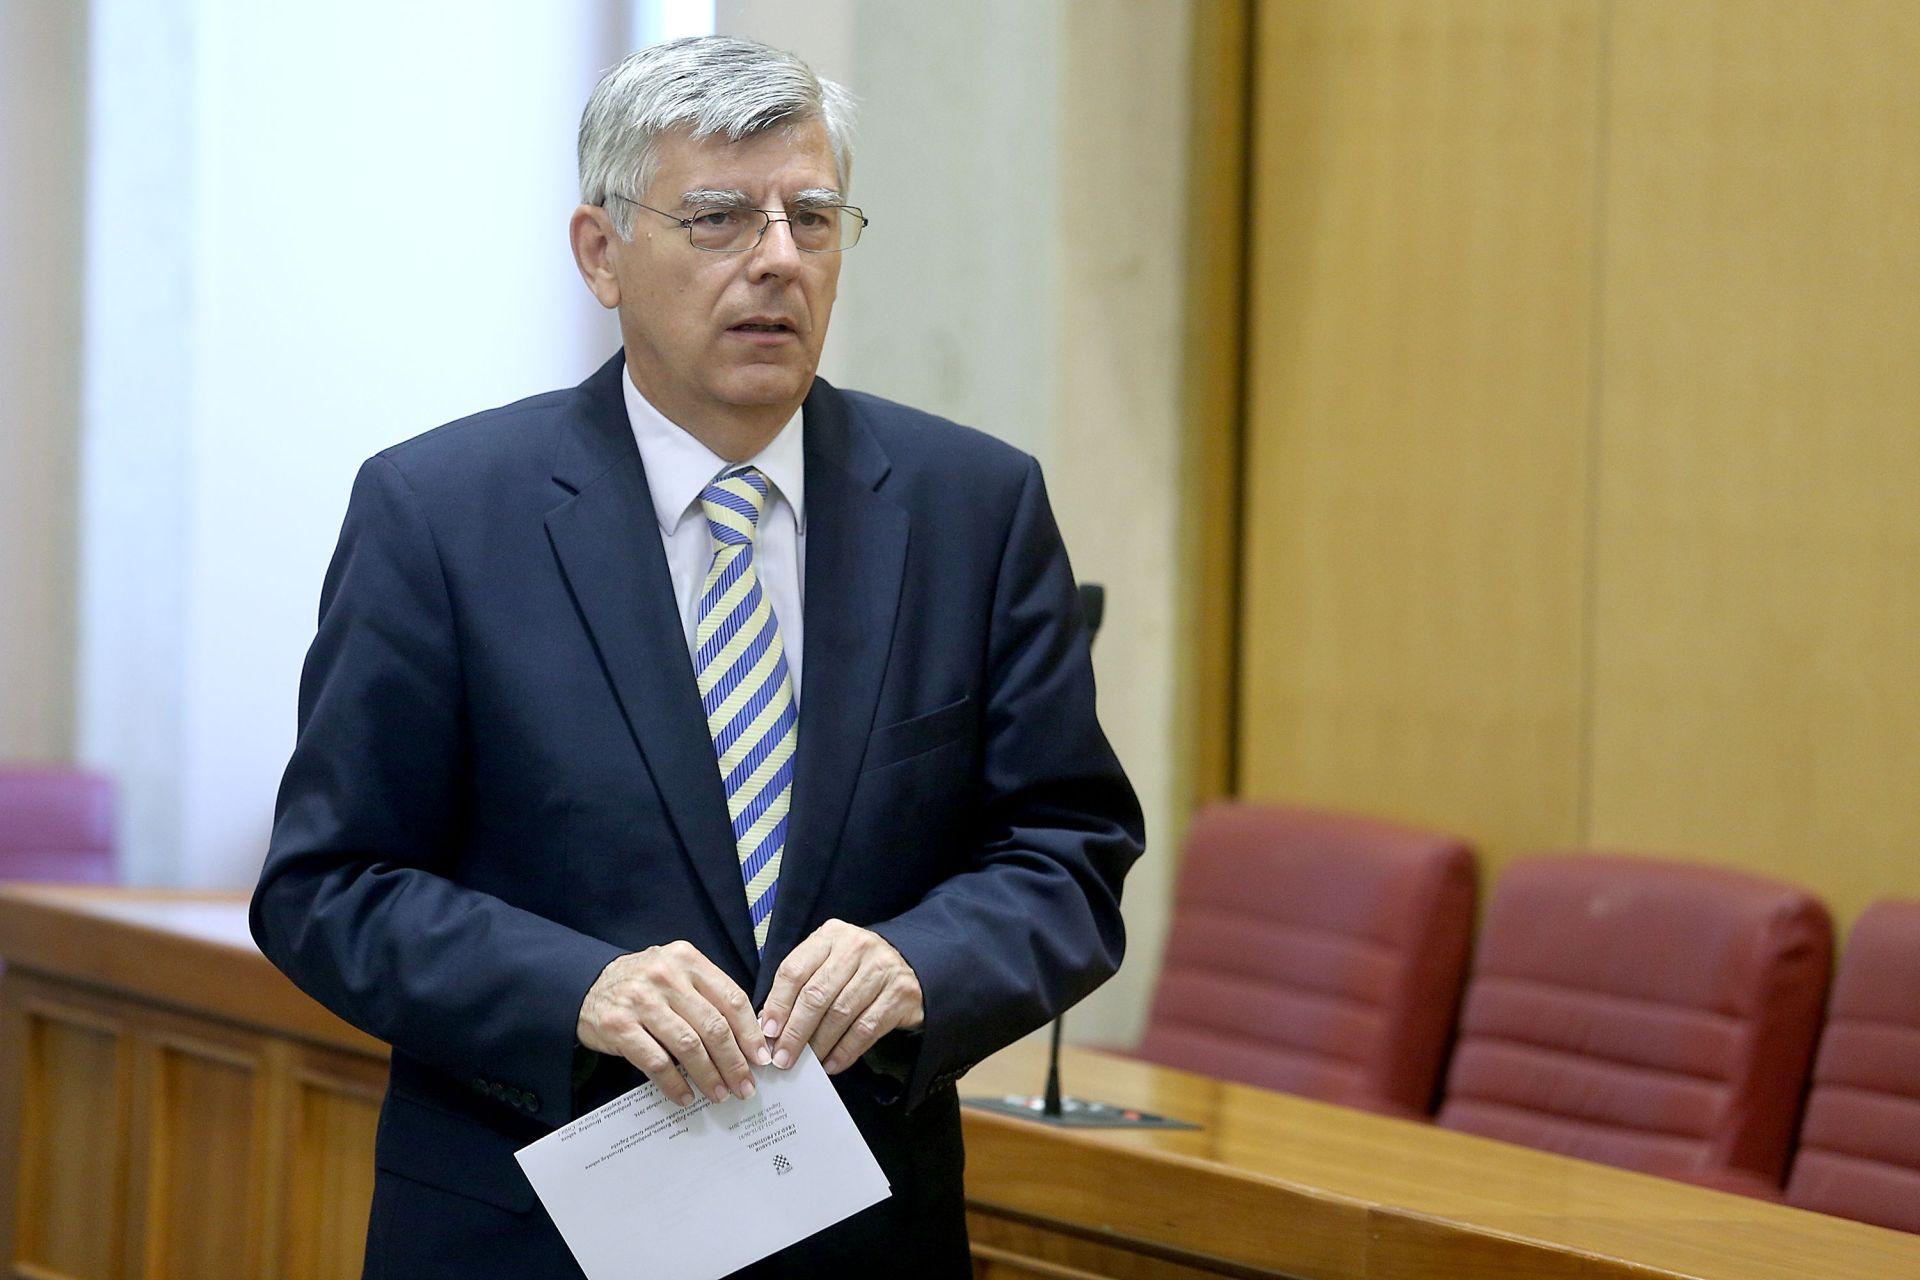 ŽELJKO REINER: 'Karamarko je svojim prijedlogom pokazao veliku odgovornost i državnički stav'